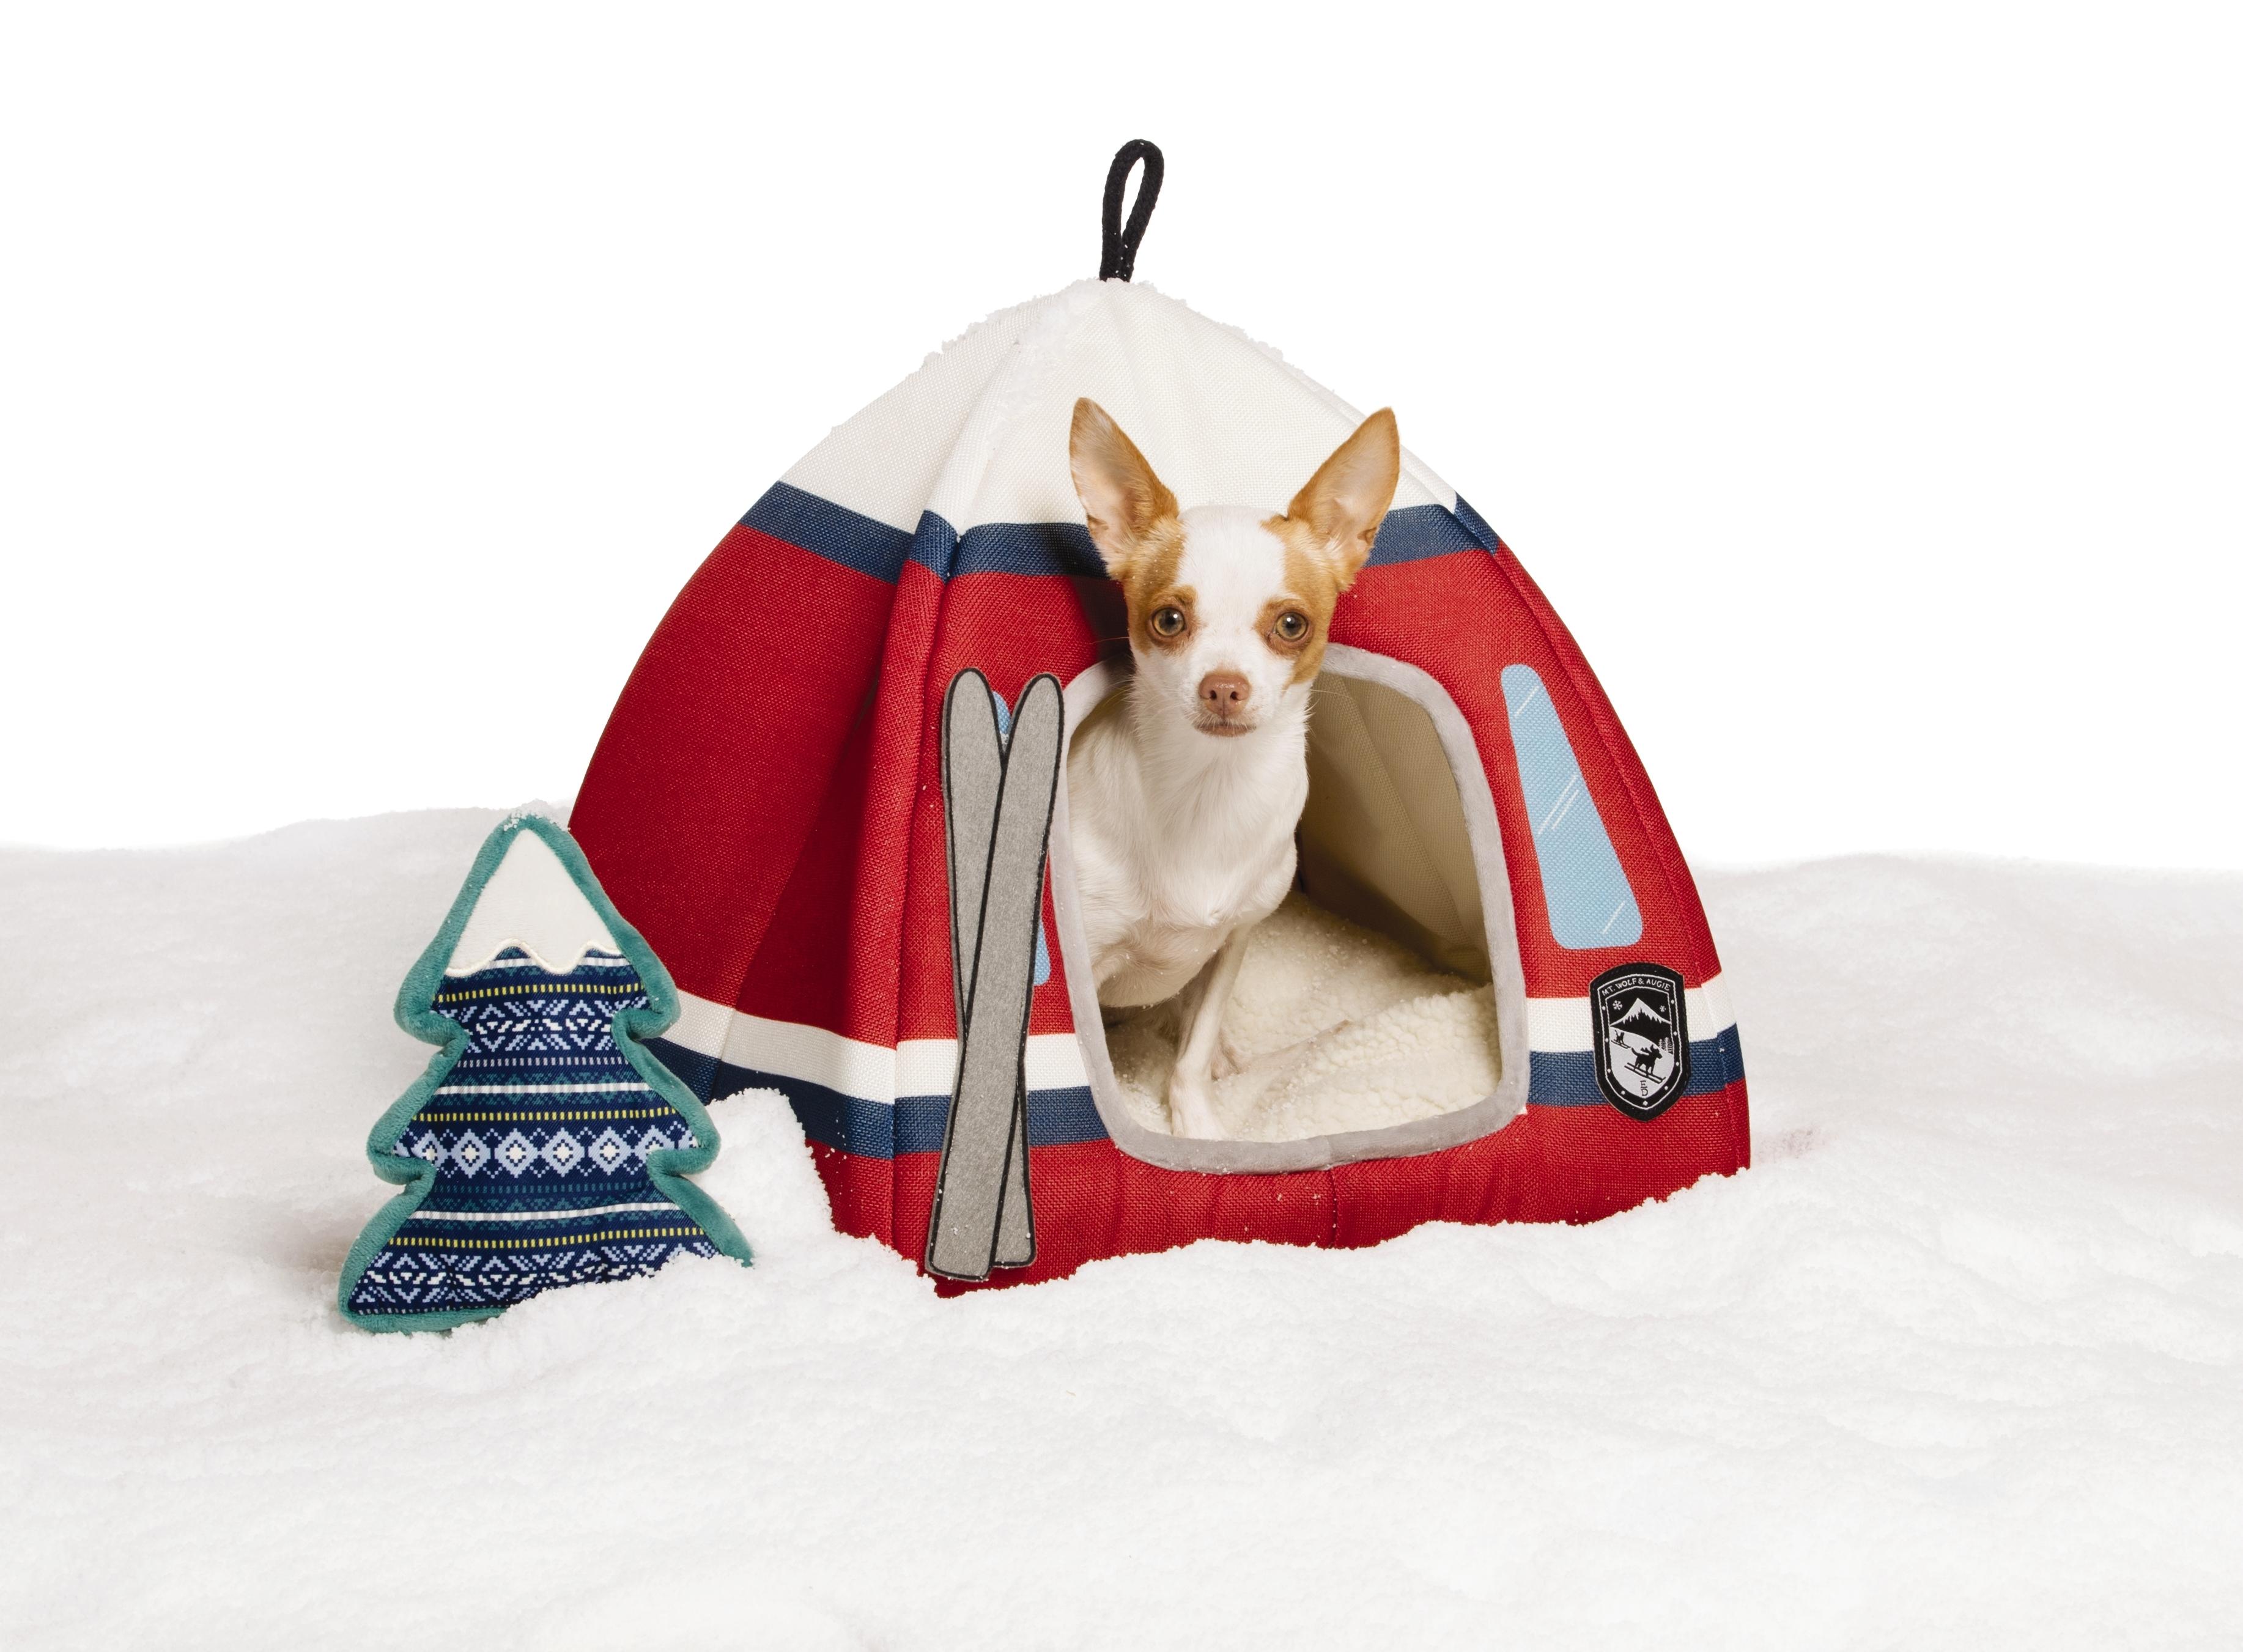 Petsmart Launches The Ed Ellen Degeneres Winter Collection For Pets